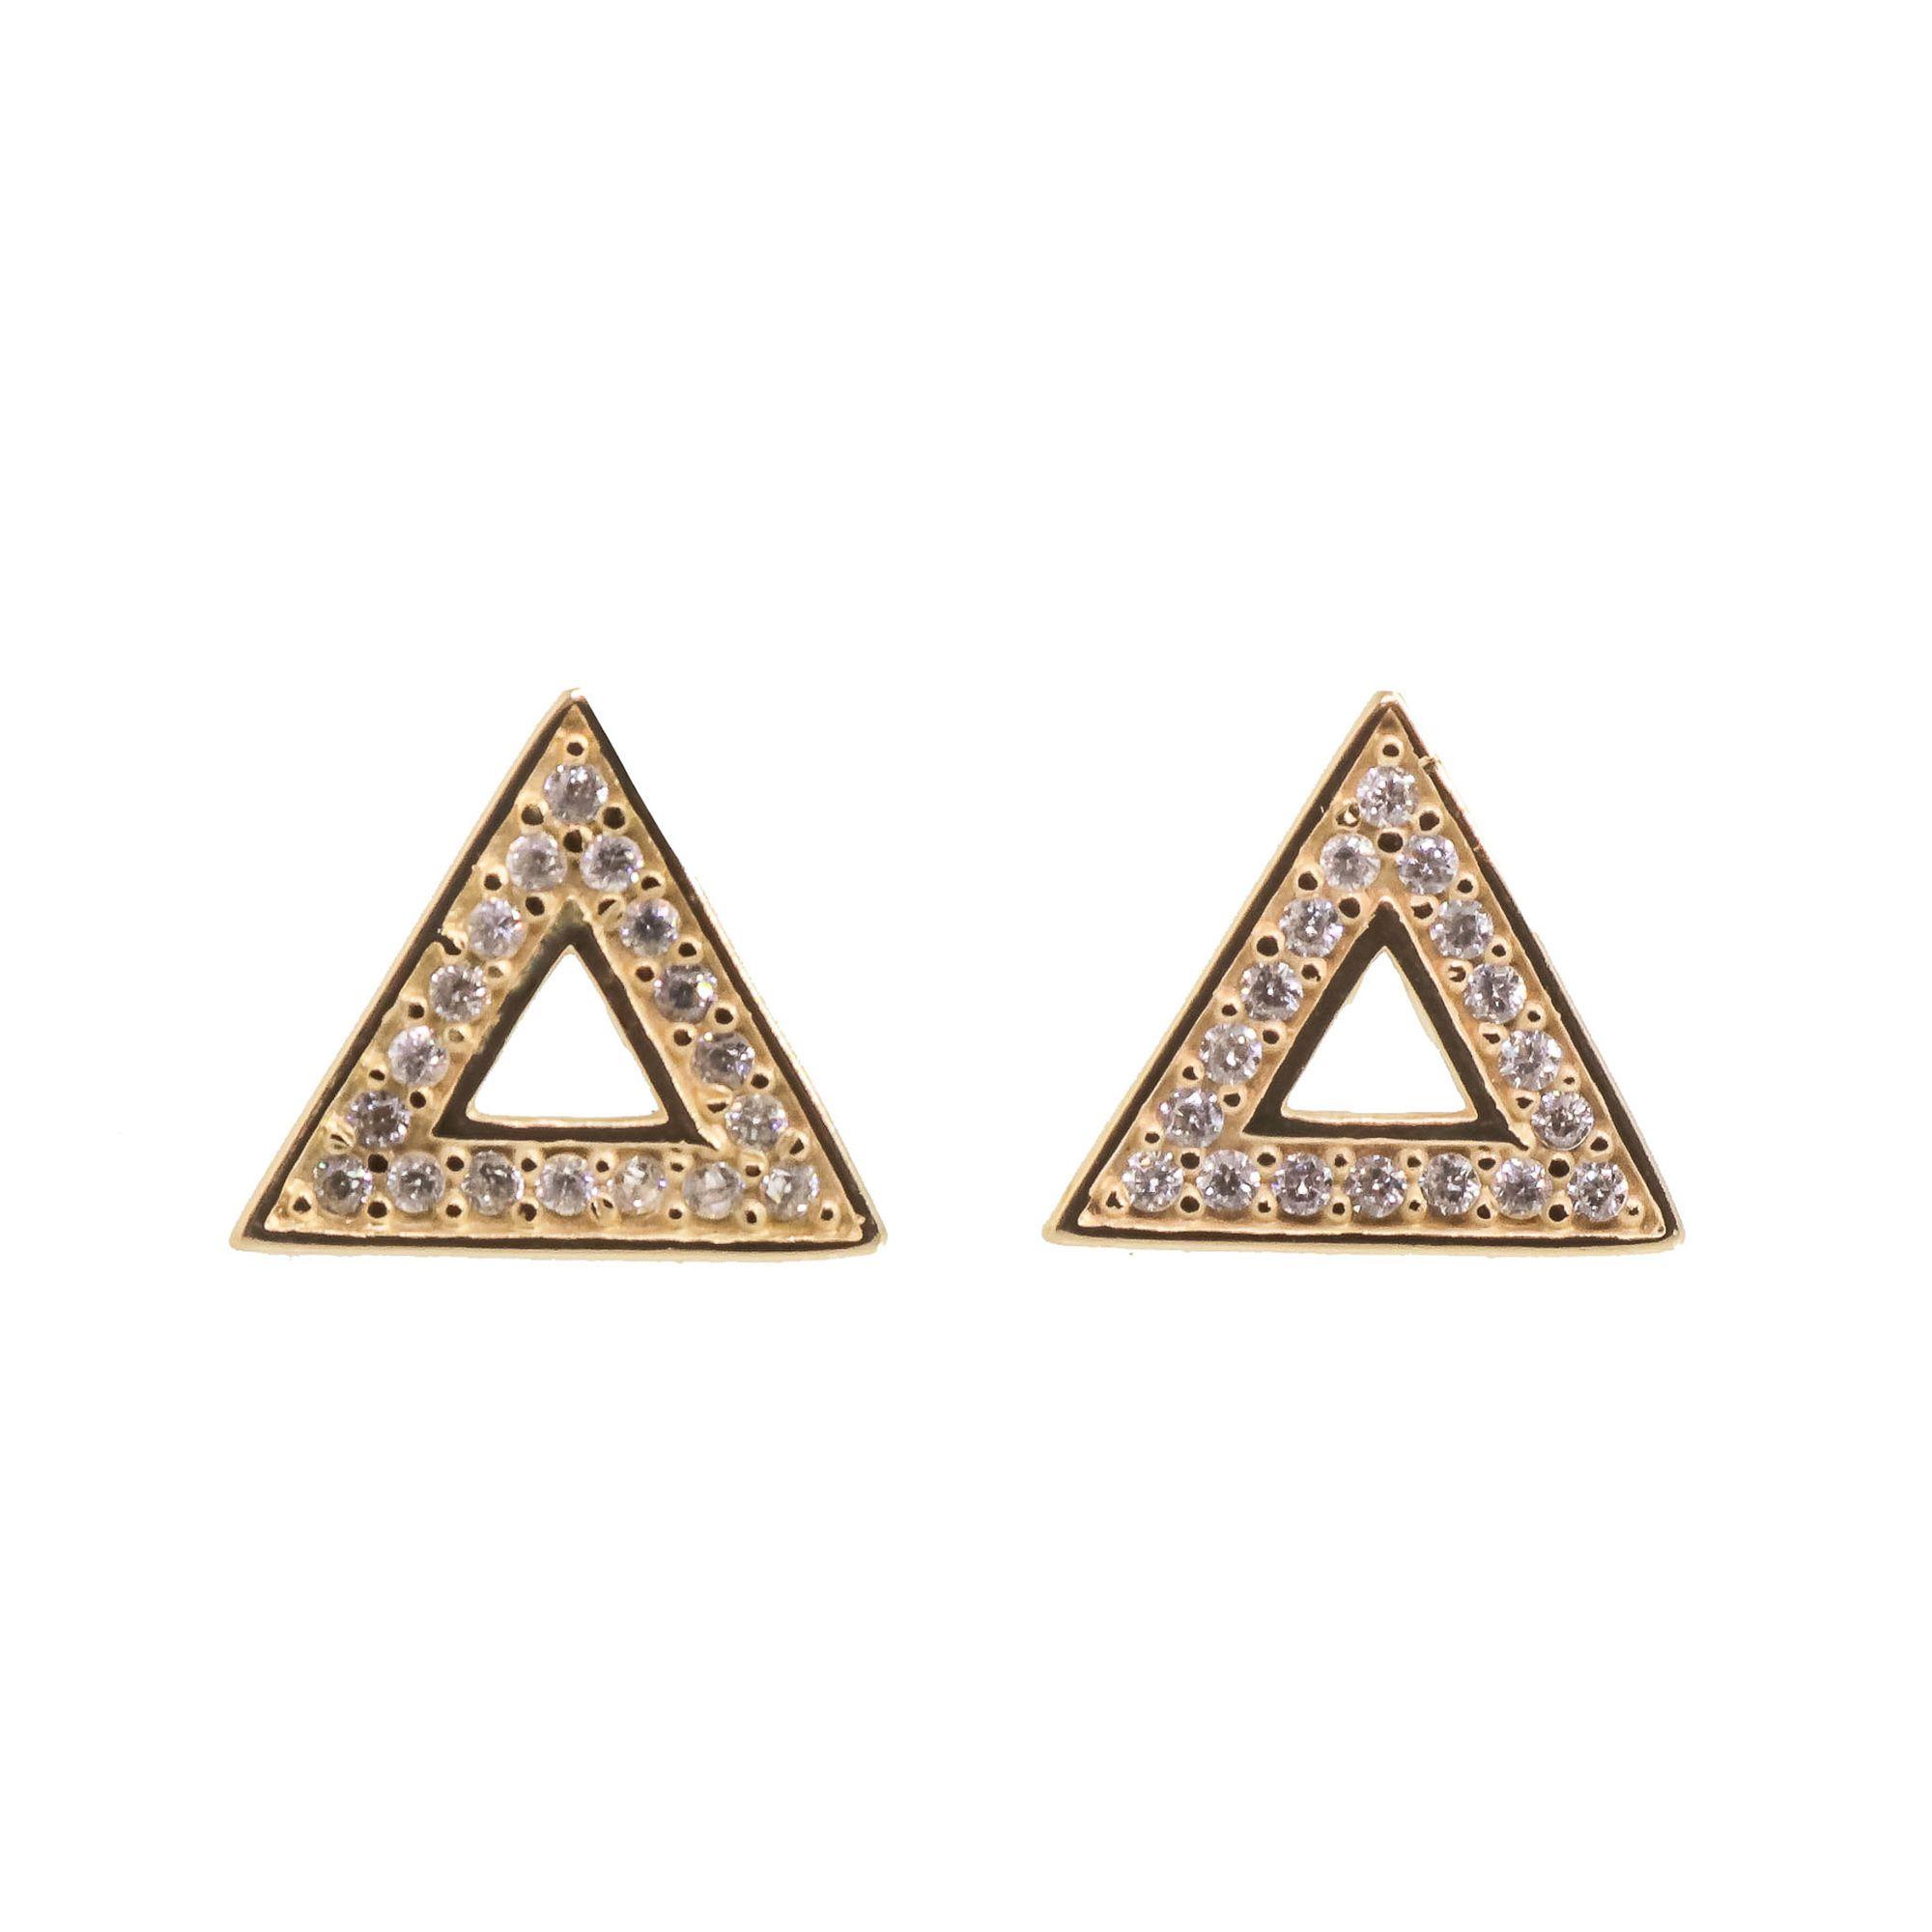 Brinco Semi joia triângulo Mimos folheado a ouro 18k ou rhodium